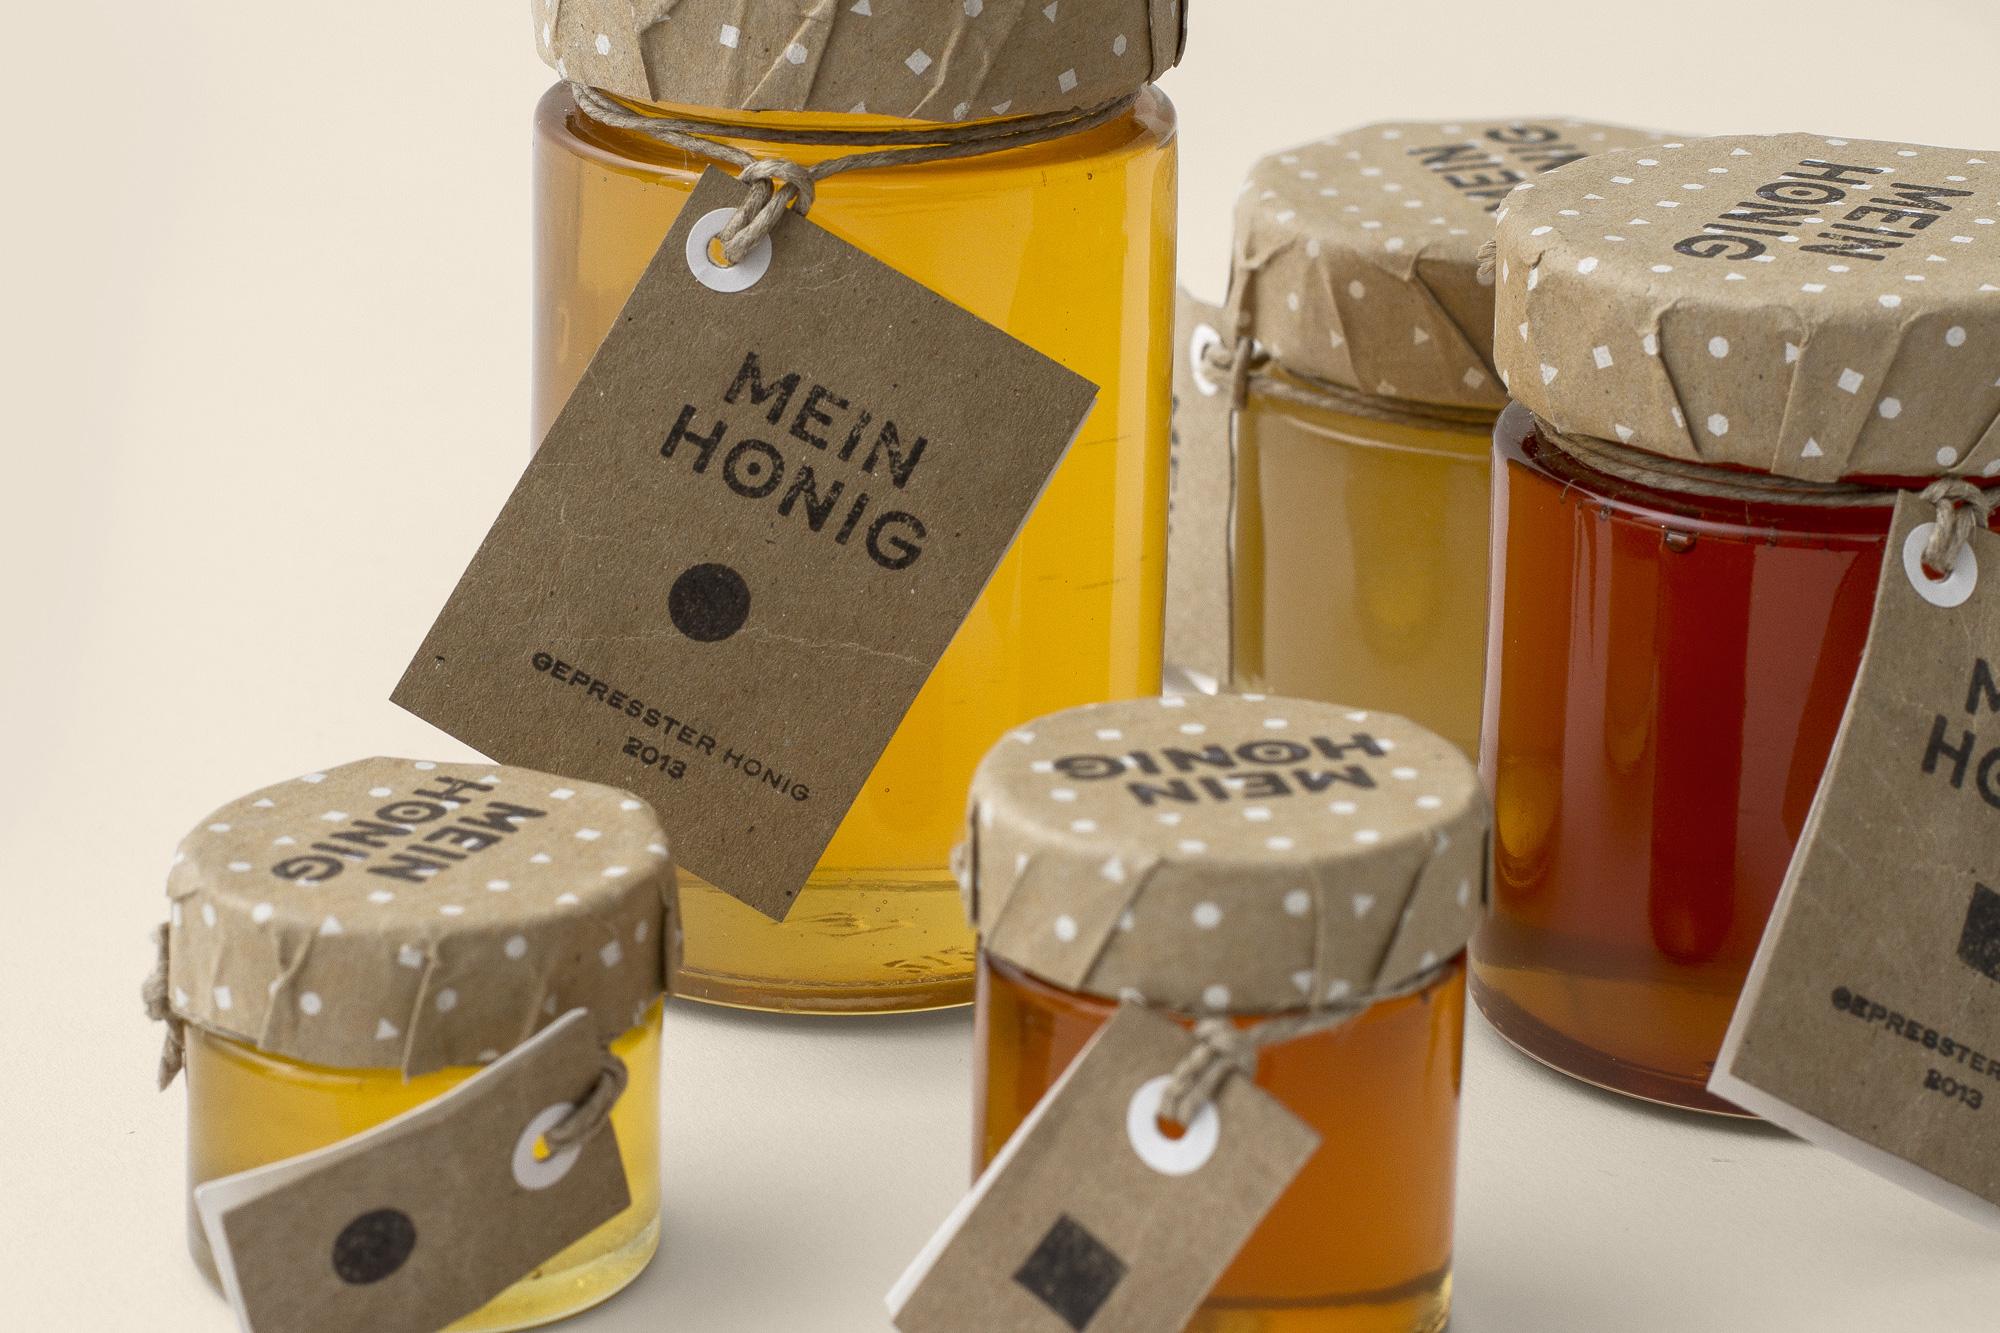 Mein Honig / Wild (9)